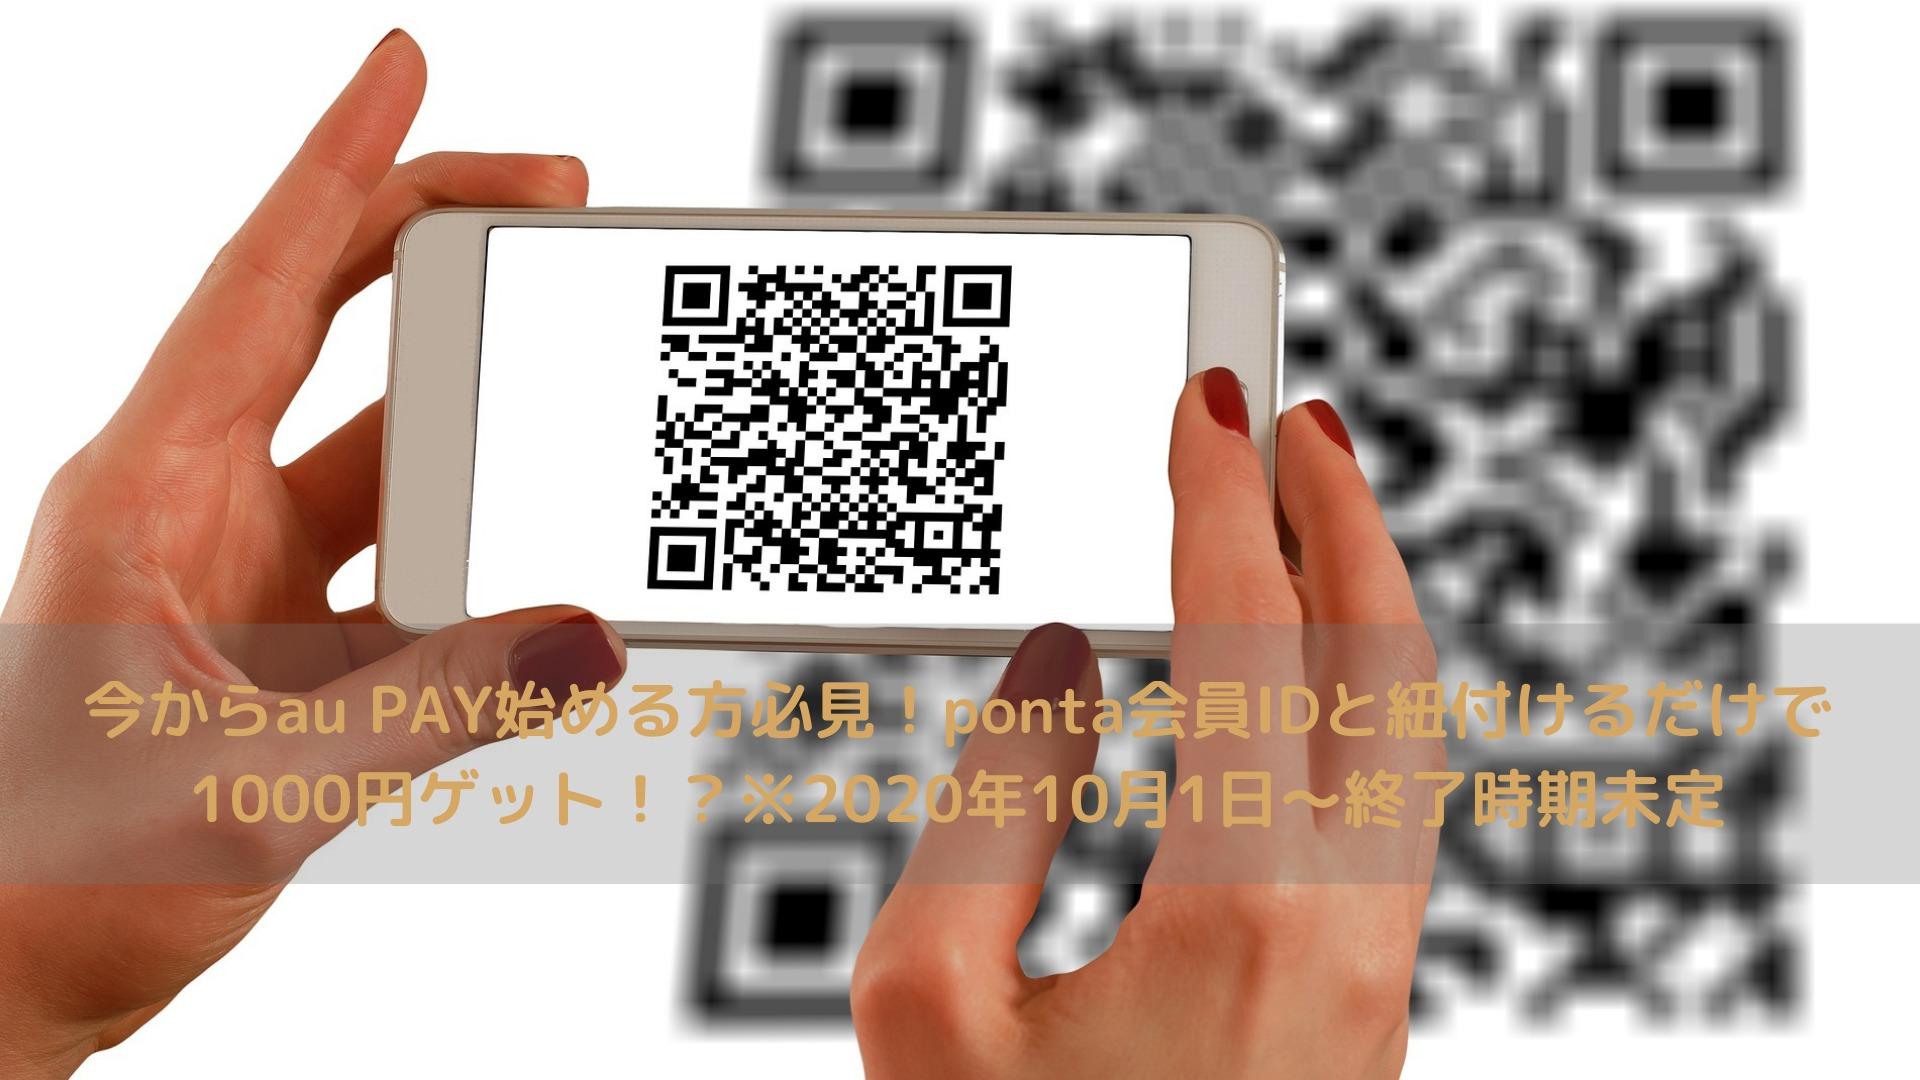 今からau PAY始める方必見!ponta会員IDと紐付けるだけで1000円ゲット!?※2020年10月1日~終了時期未定